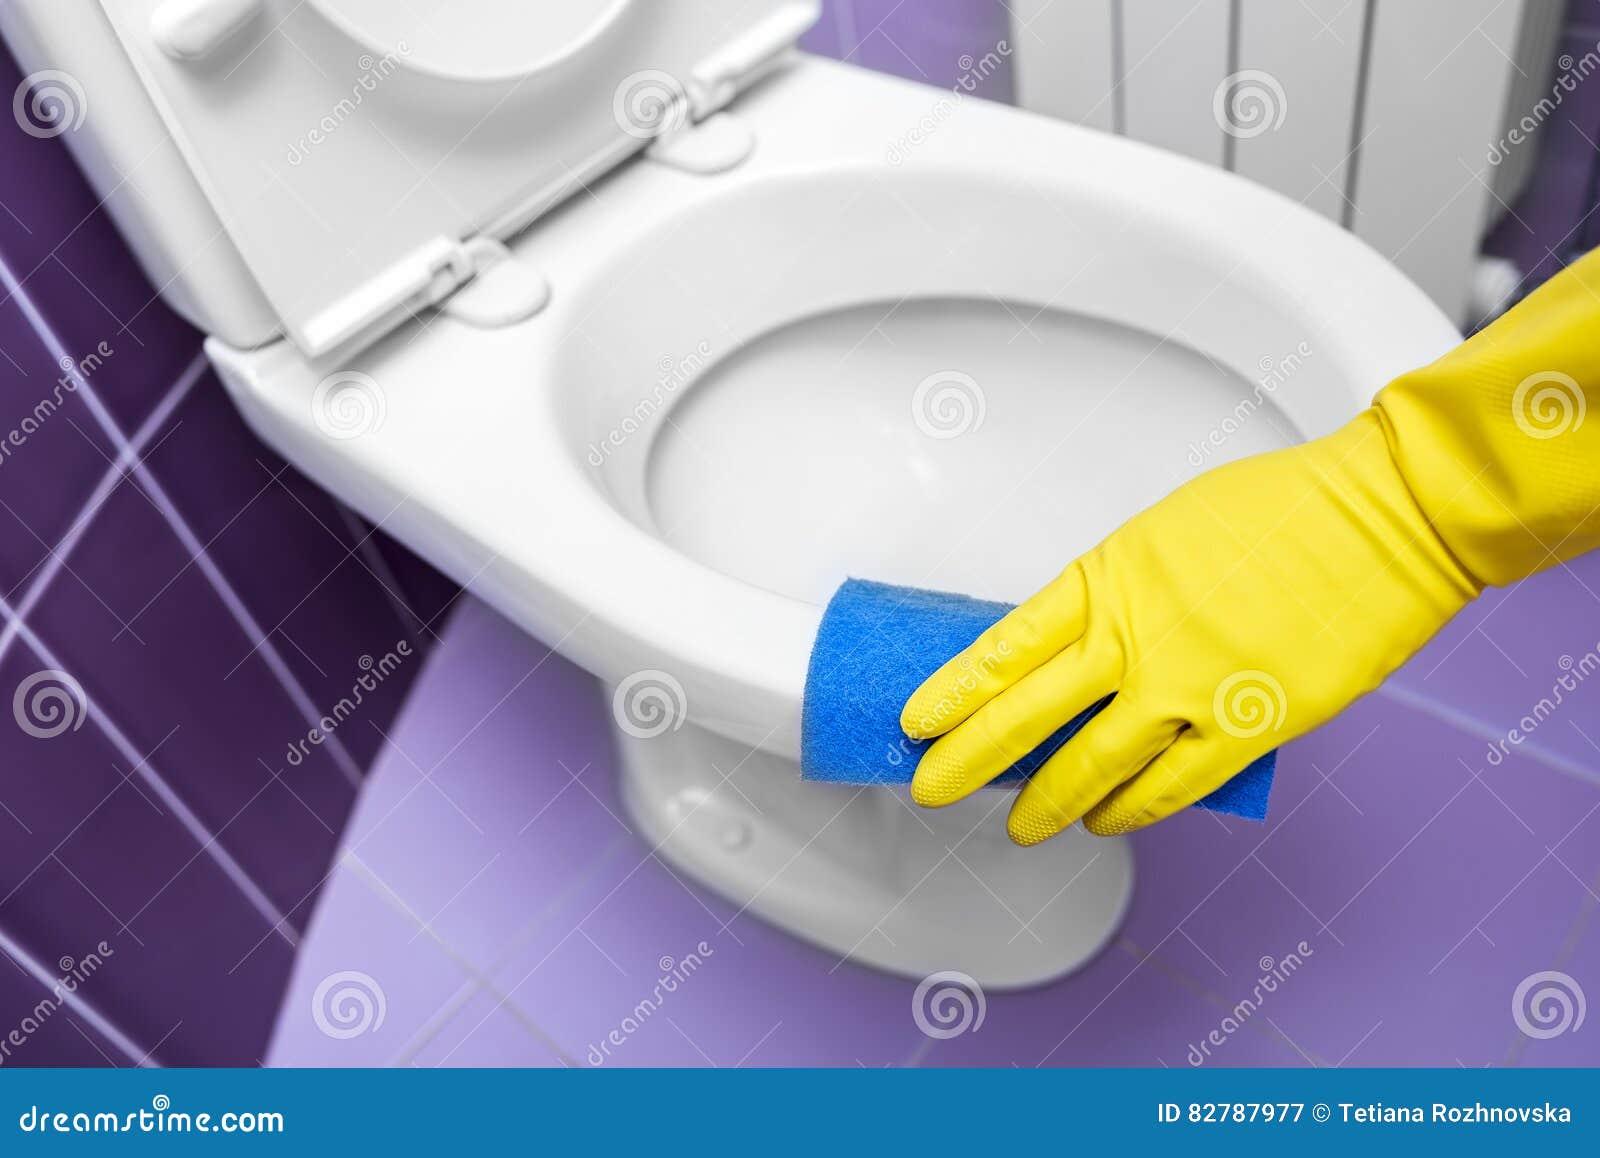 Hände Waschen Die Toilette Stockbild Bild Von Reinigend 82787977